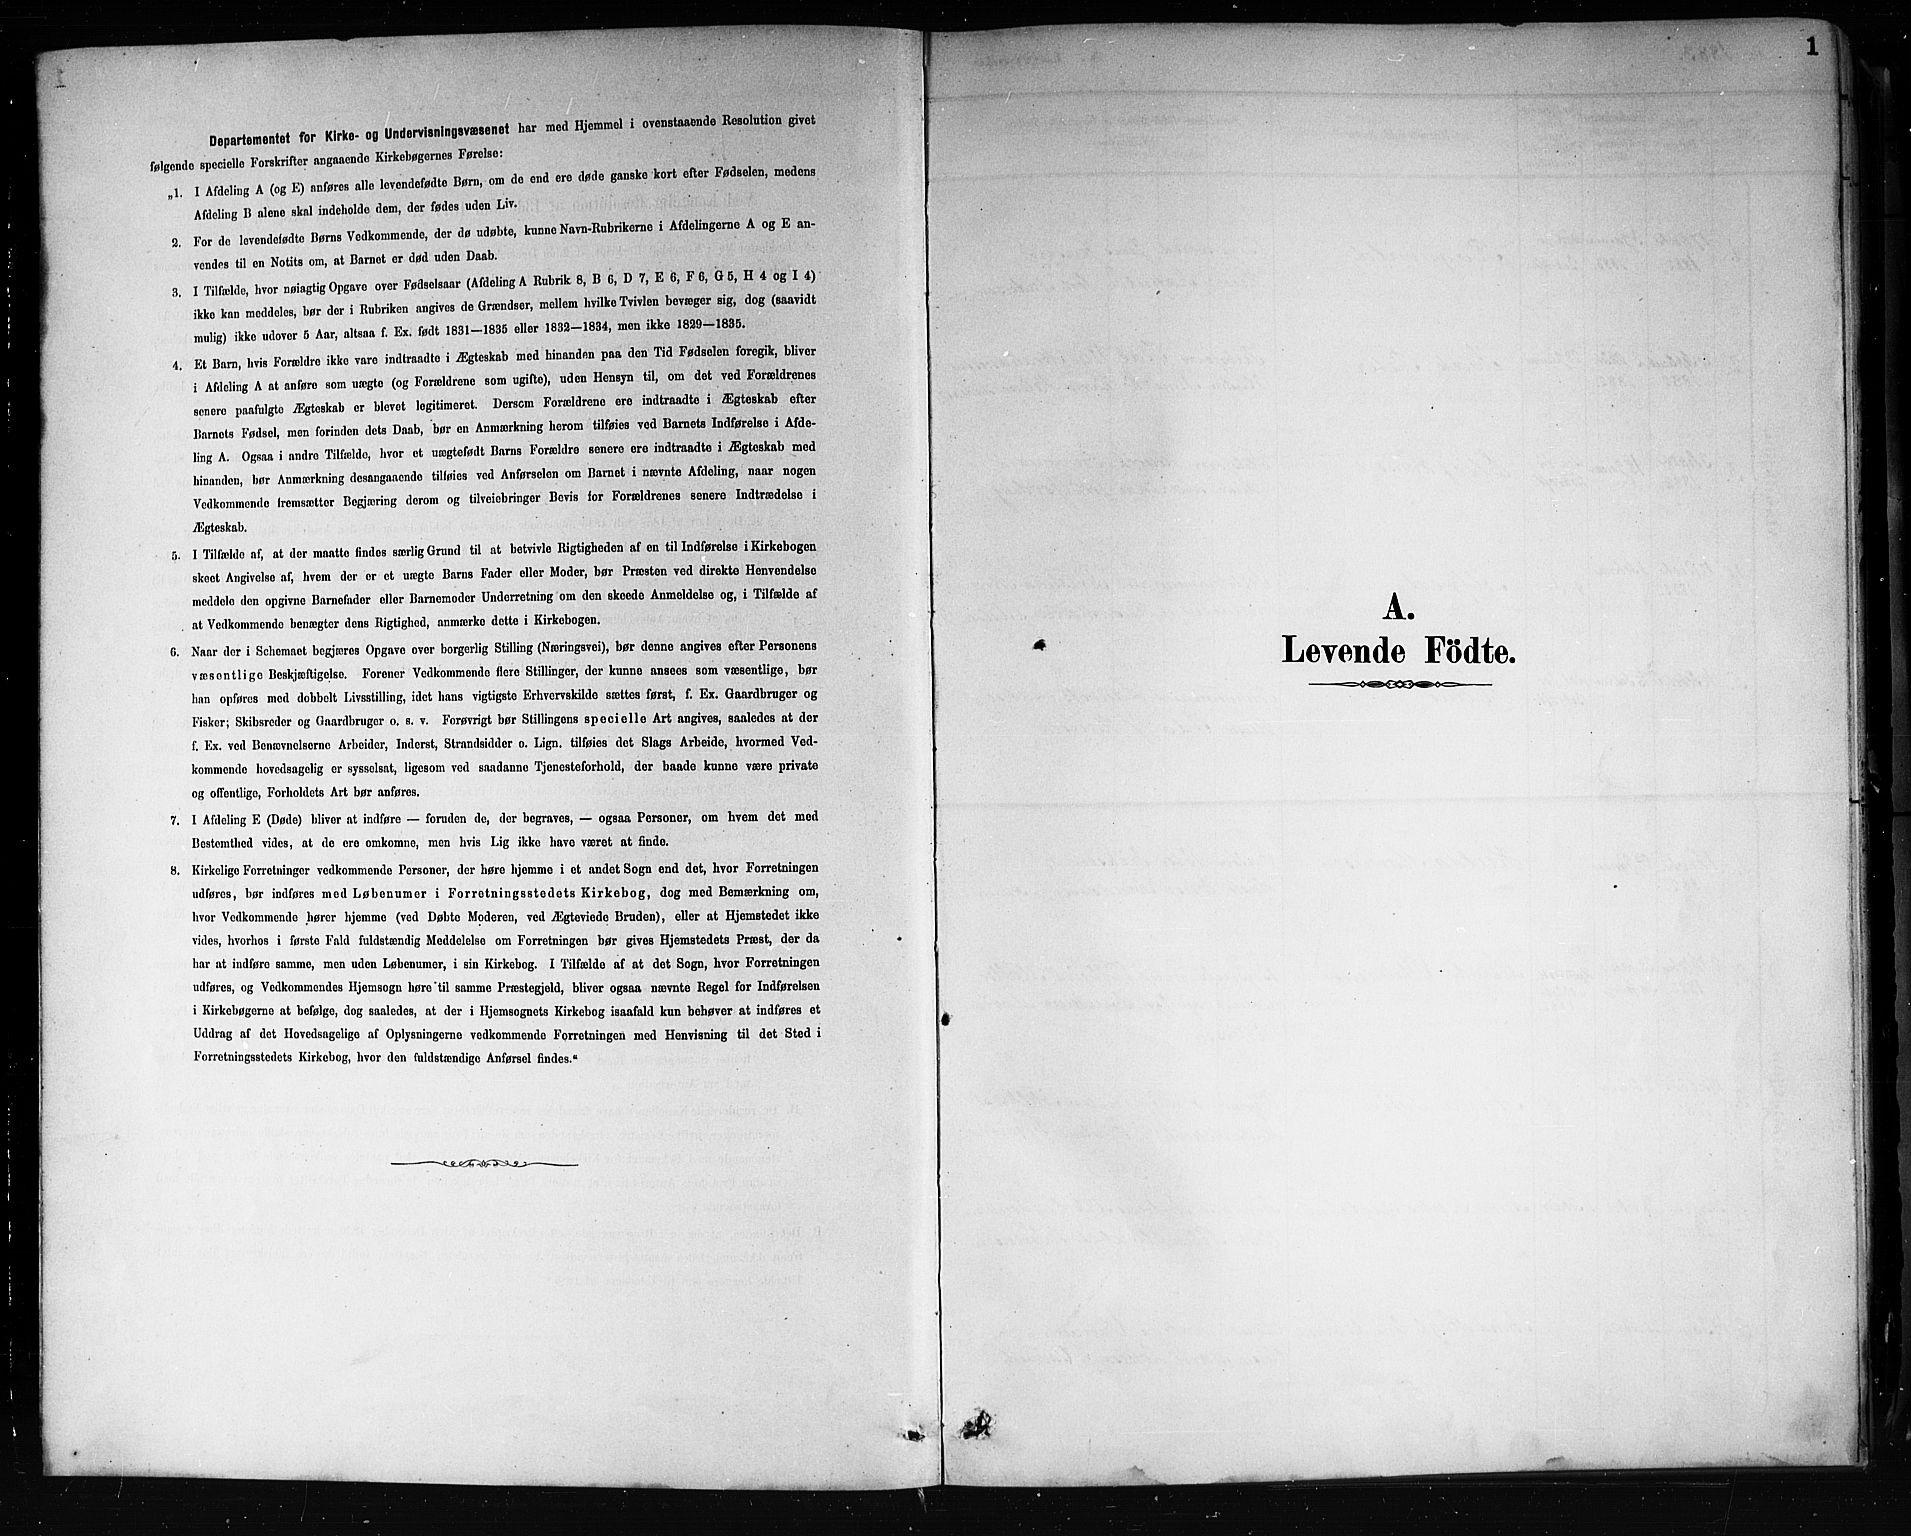 SAKO, Porsgrunn kirkebøker , G/Gb/L0005: Klokkerbok nr. II 5, 1883-1915, s. 1